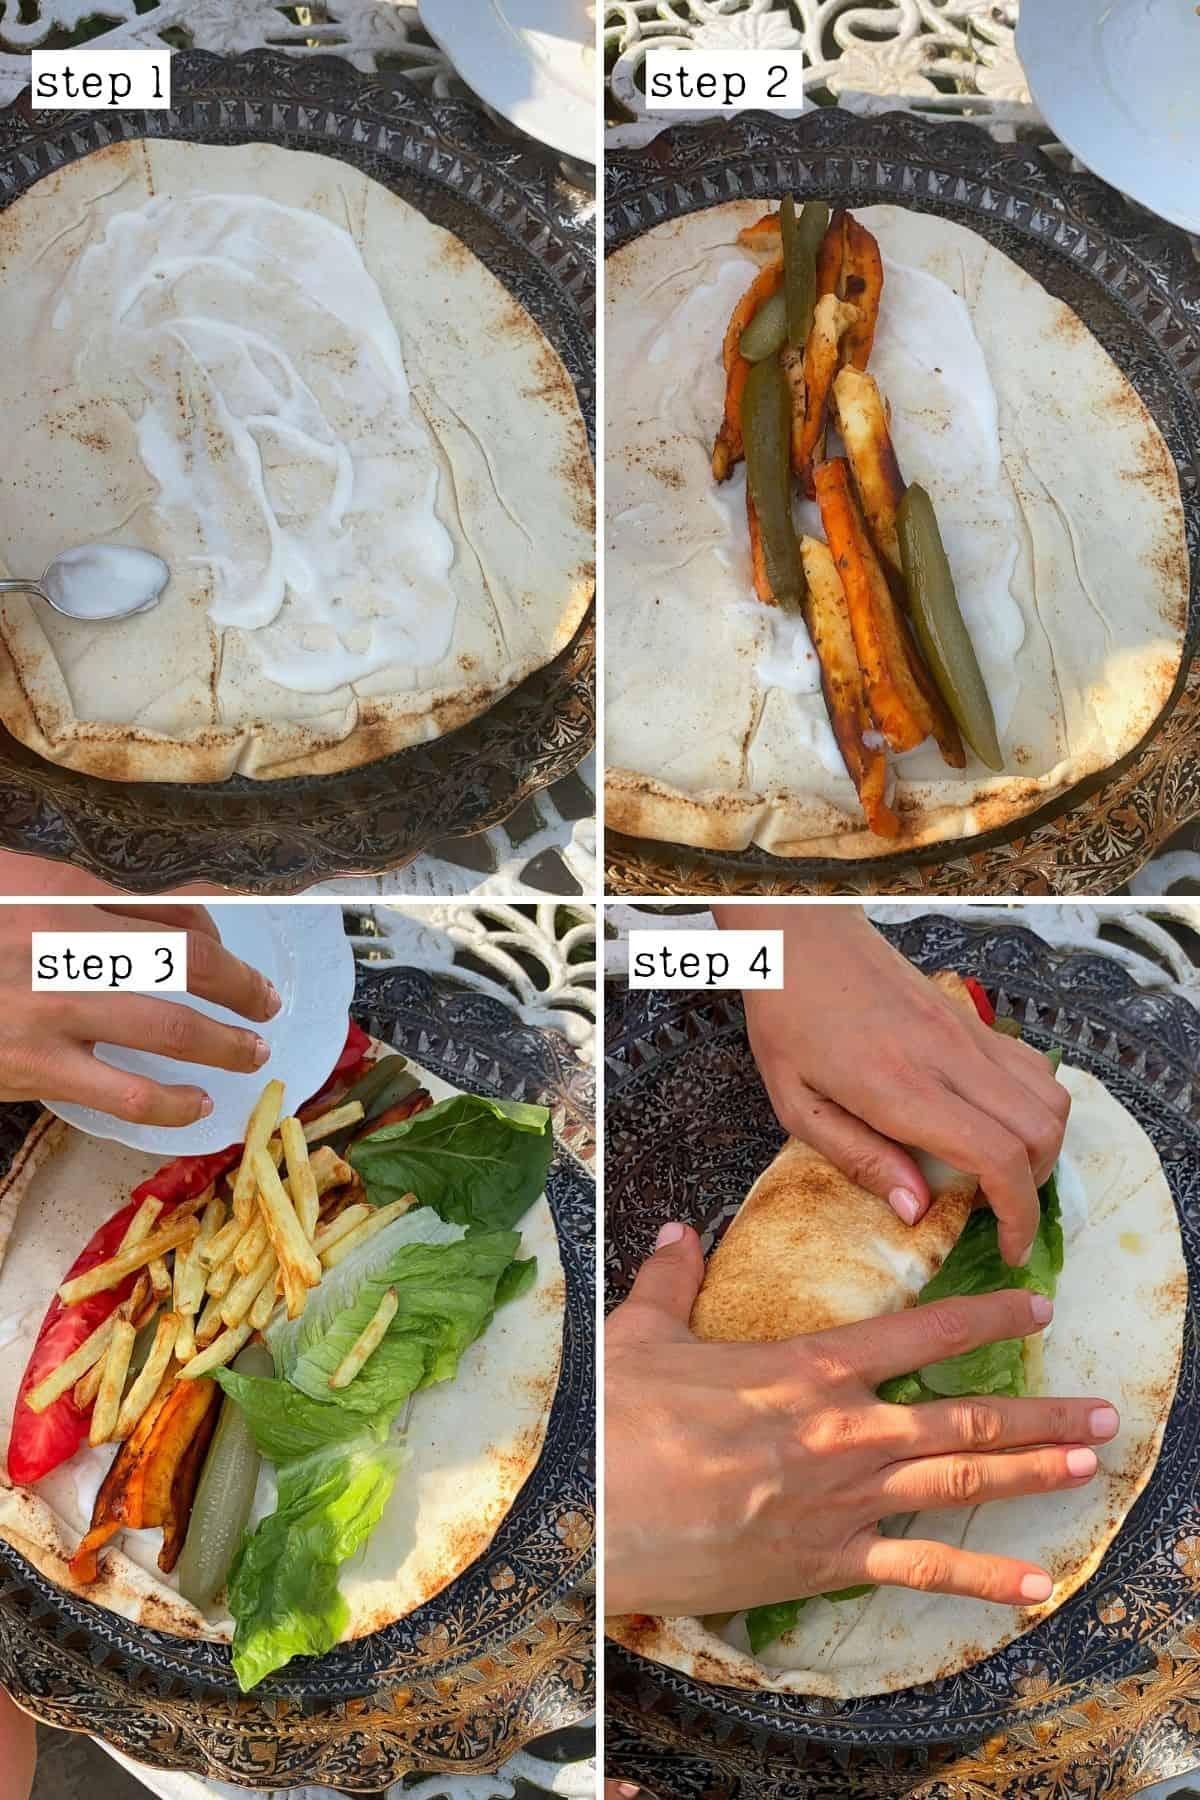 Steps for making mushroom shawarma wrap